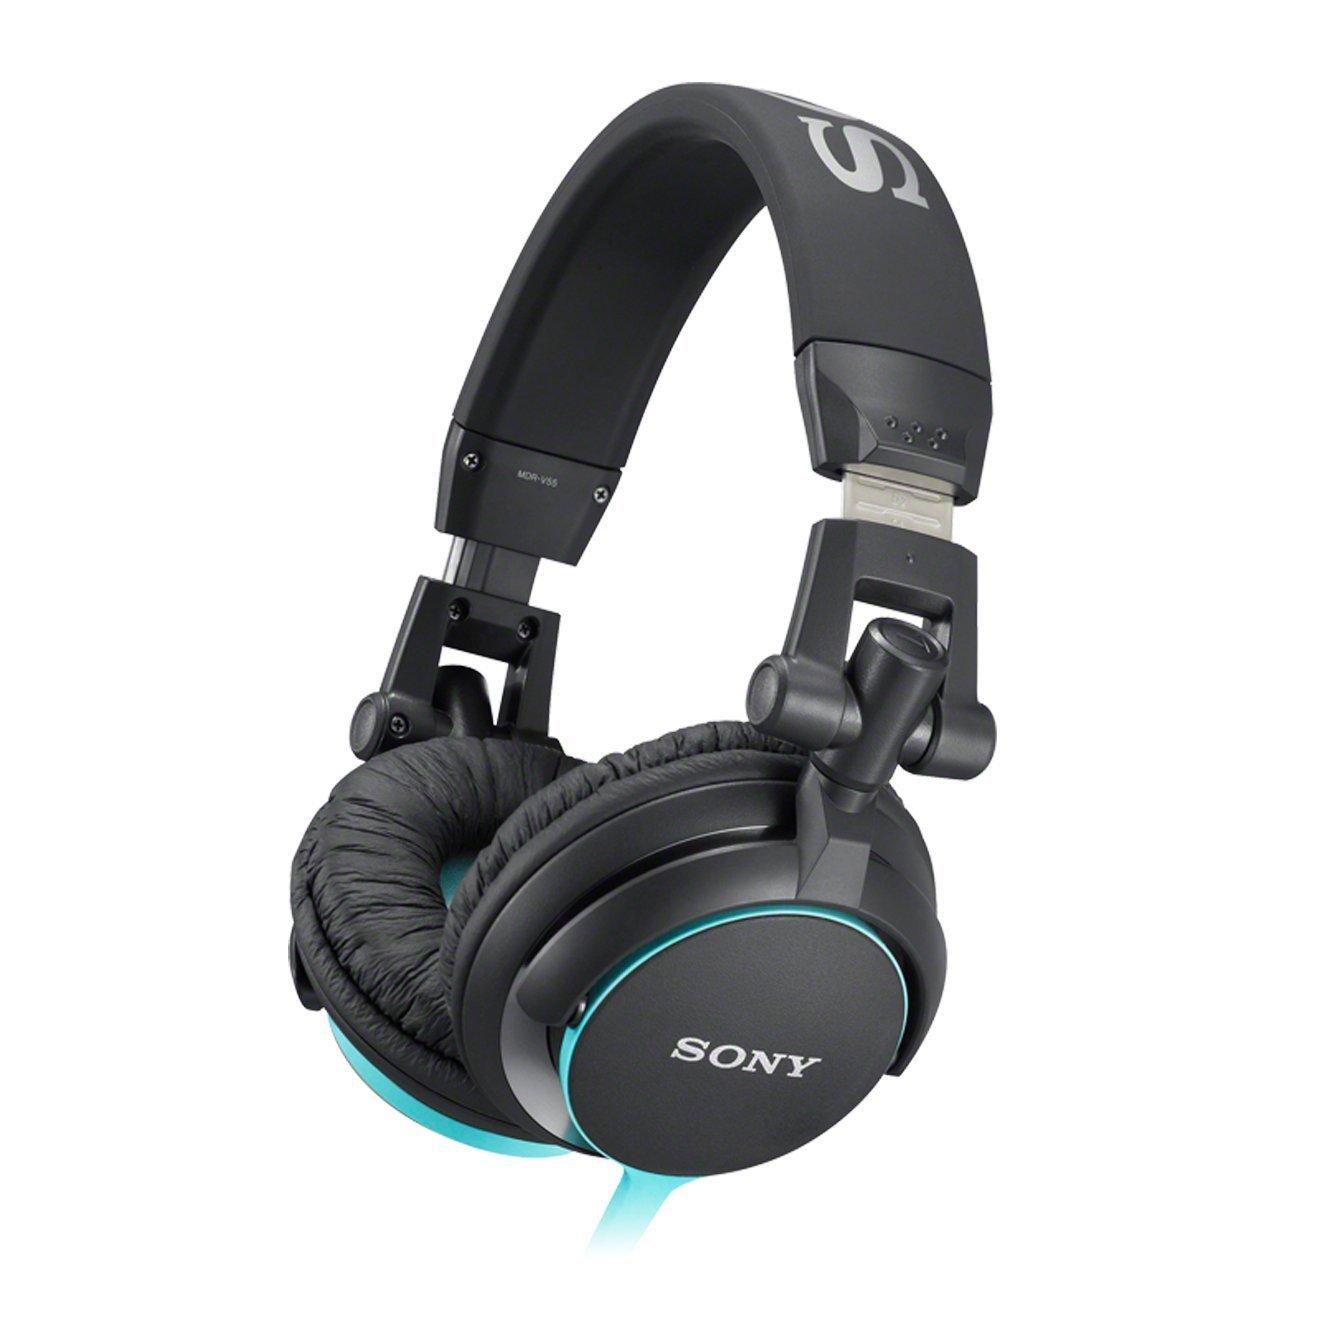 Sony Kopfhörer DJ amazon